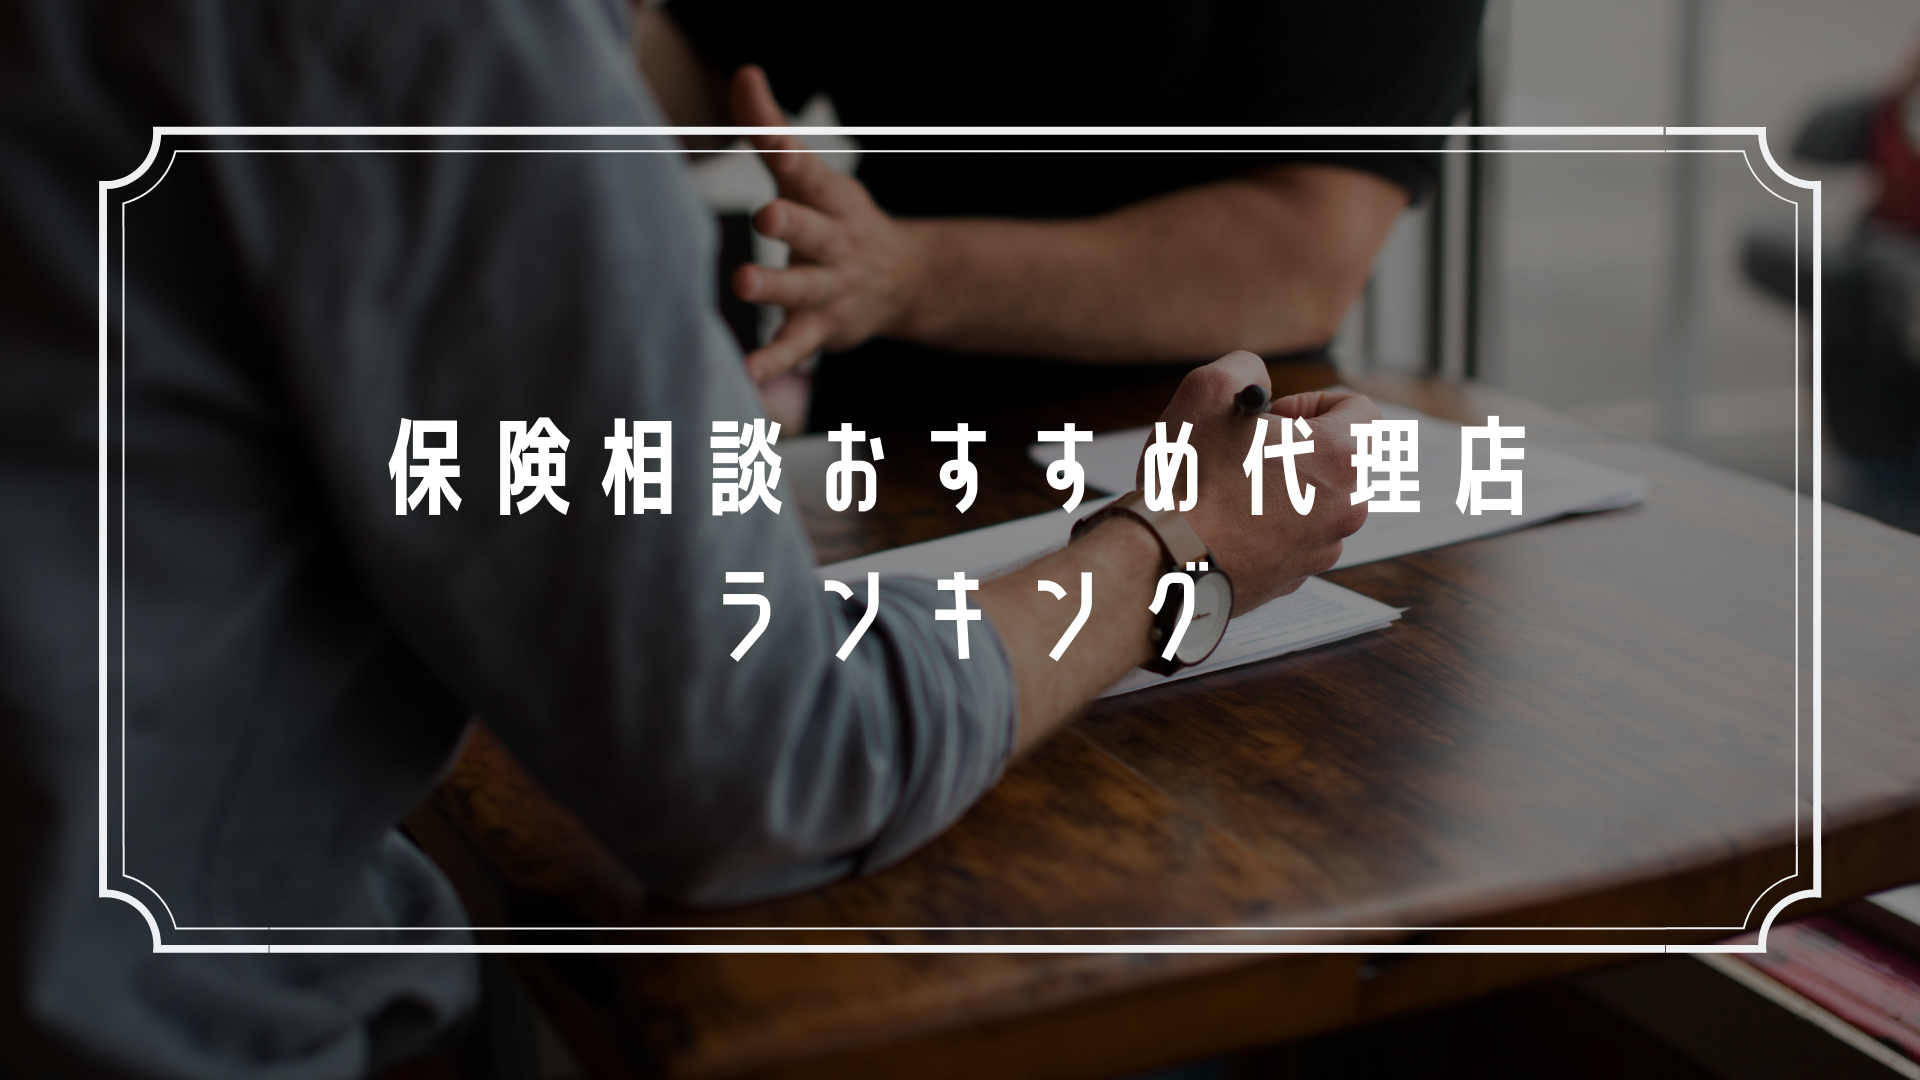 【2019年冬】保険相談おすすめランキング!【得するキャンペーン】